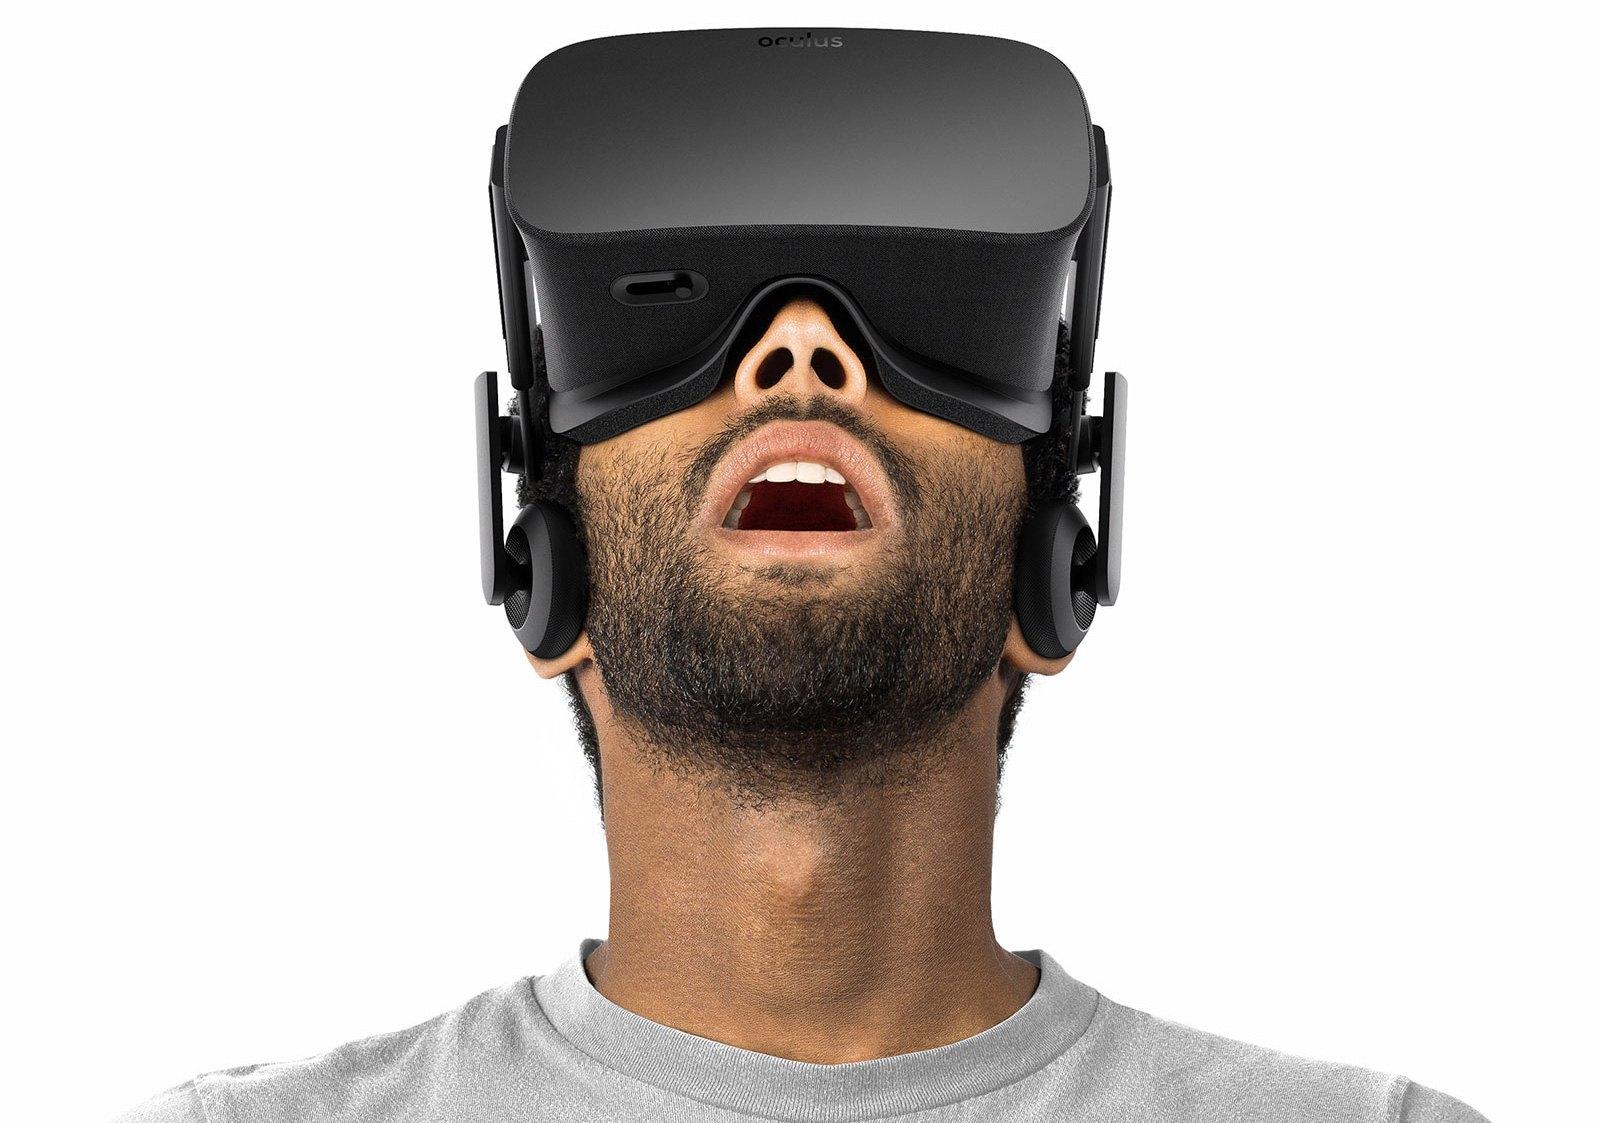 Американец в очках виртуальной реальности отзывы о digbox